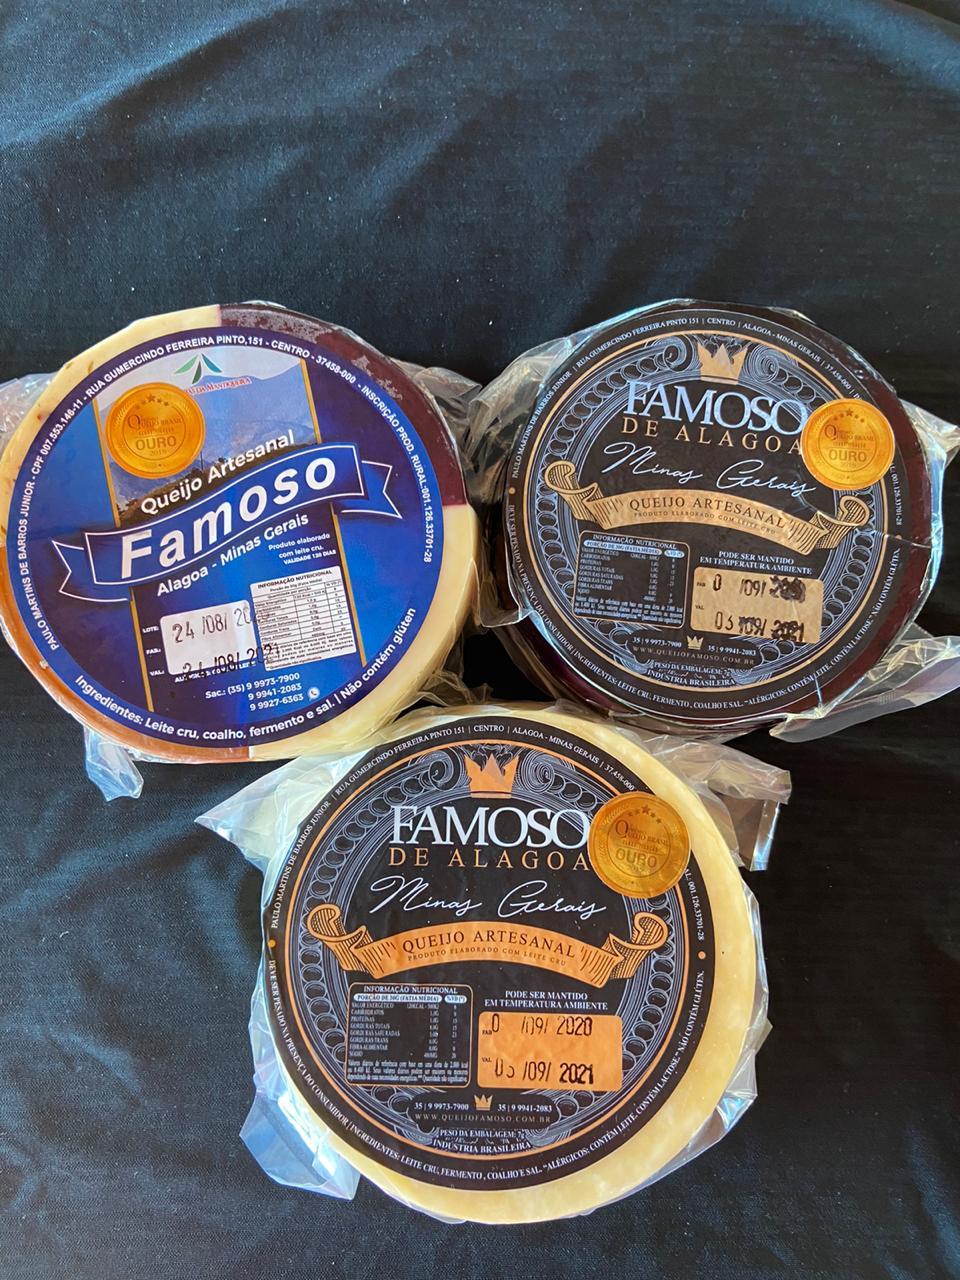 TRIO ESPECIALE - 3 queijos artesanais ALAGOA - DEFUMADO, AO VINHO E 4 SABORES - 1 KG cada peça